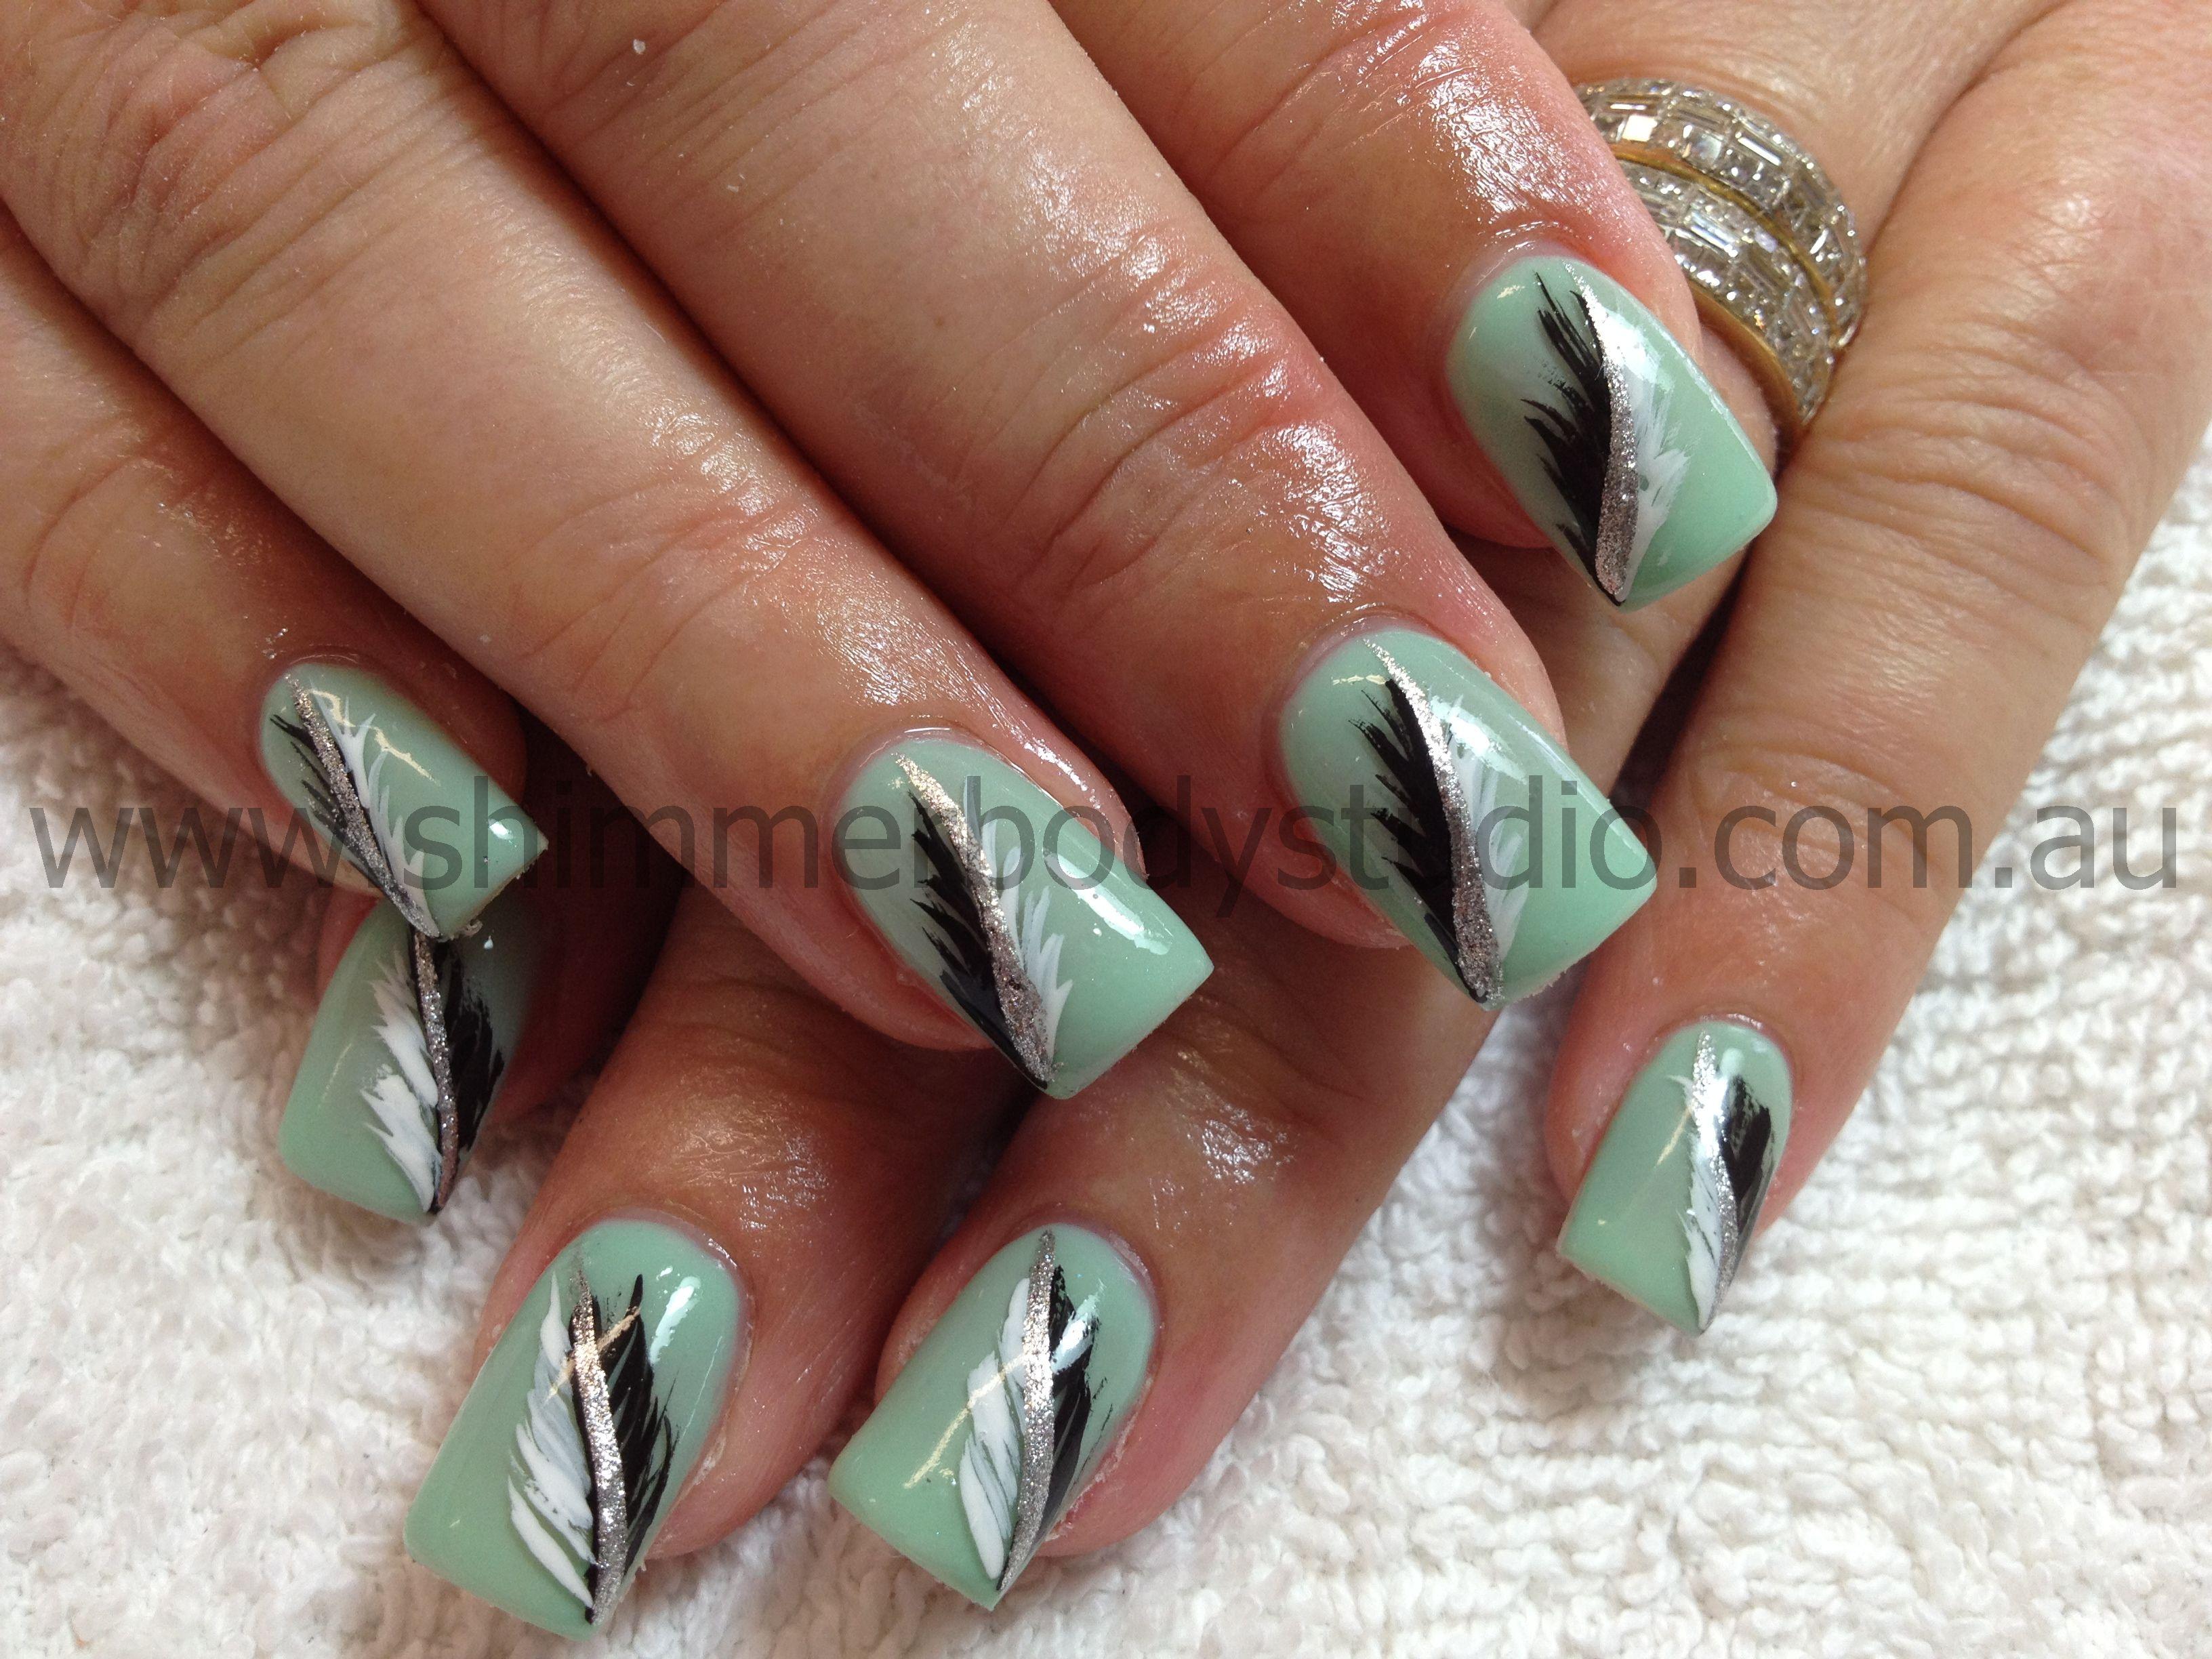 Drawn nail pinterest Gel hand nails nail art